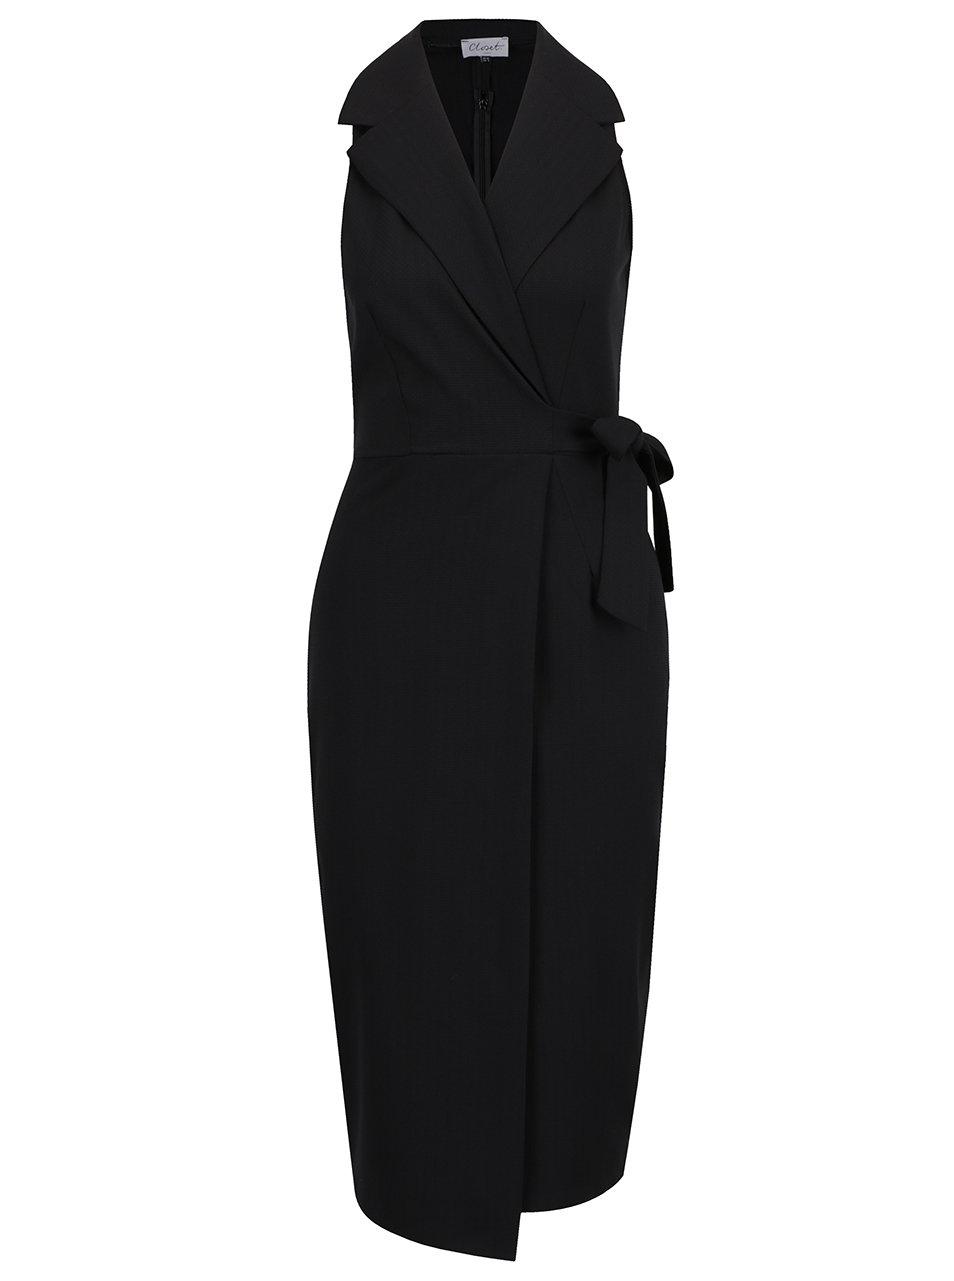 c87c8a5eee2 Černé překládané pouzdrové šaty Closet ŽENY   Šaty   společenské šaty